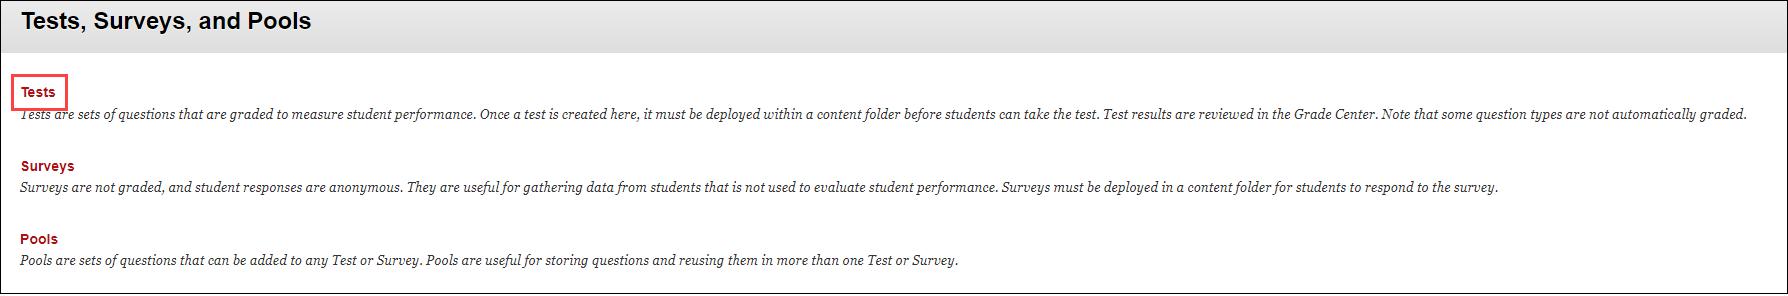 click tests